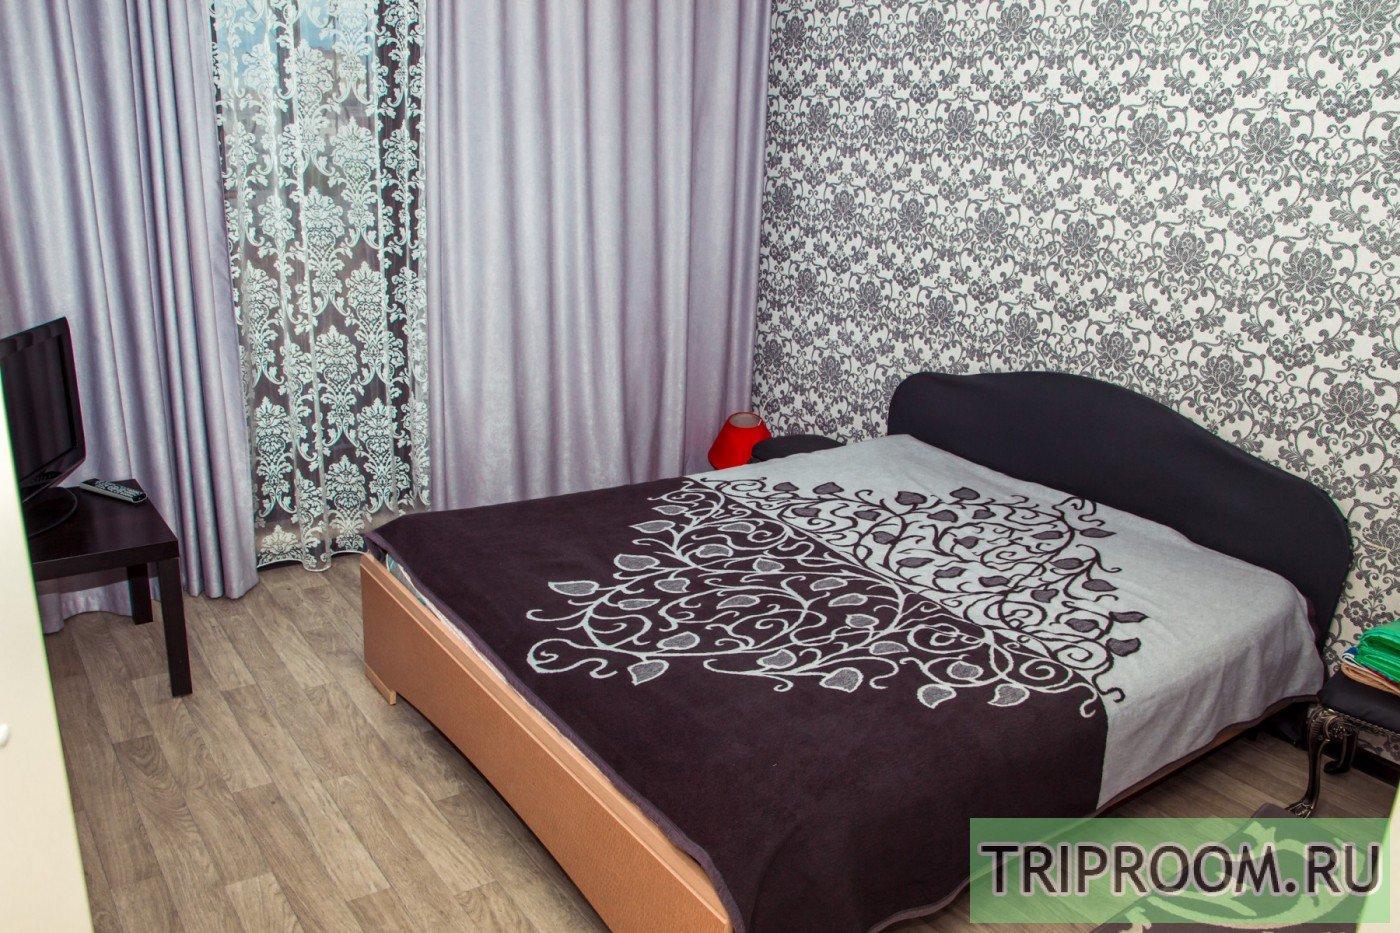 2-комнатная квартира посуточно (вариант № 36726), ул. Тимирязева, фото № 1